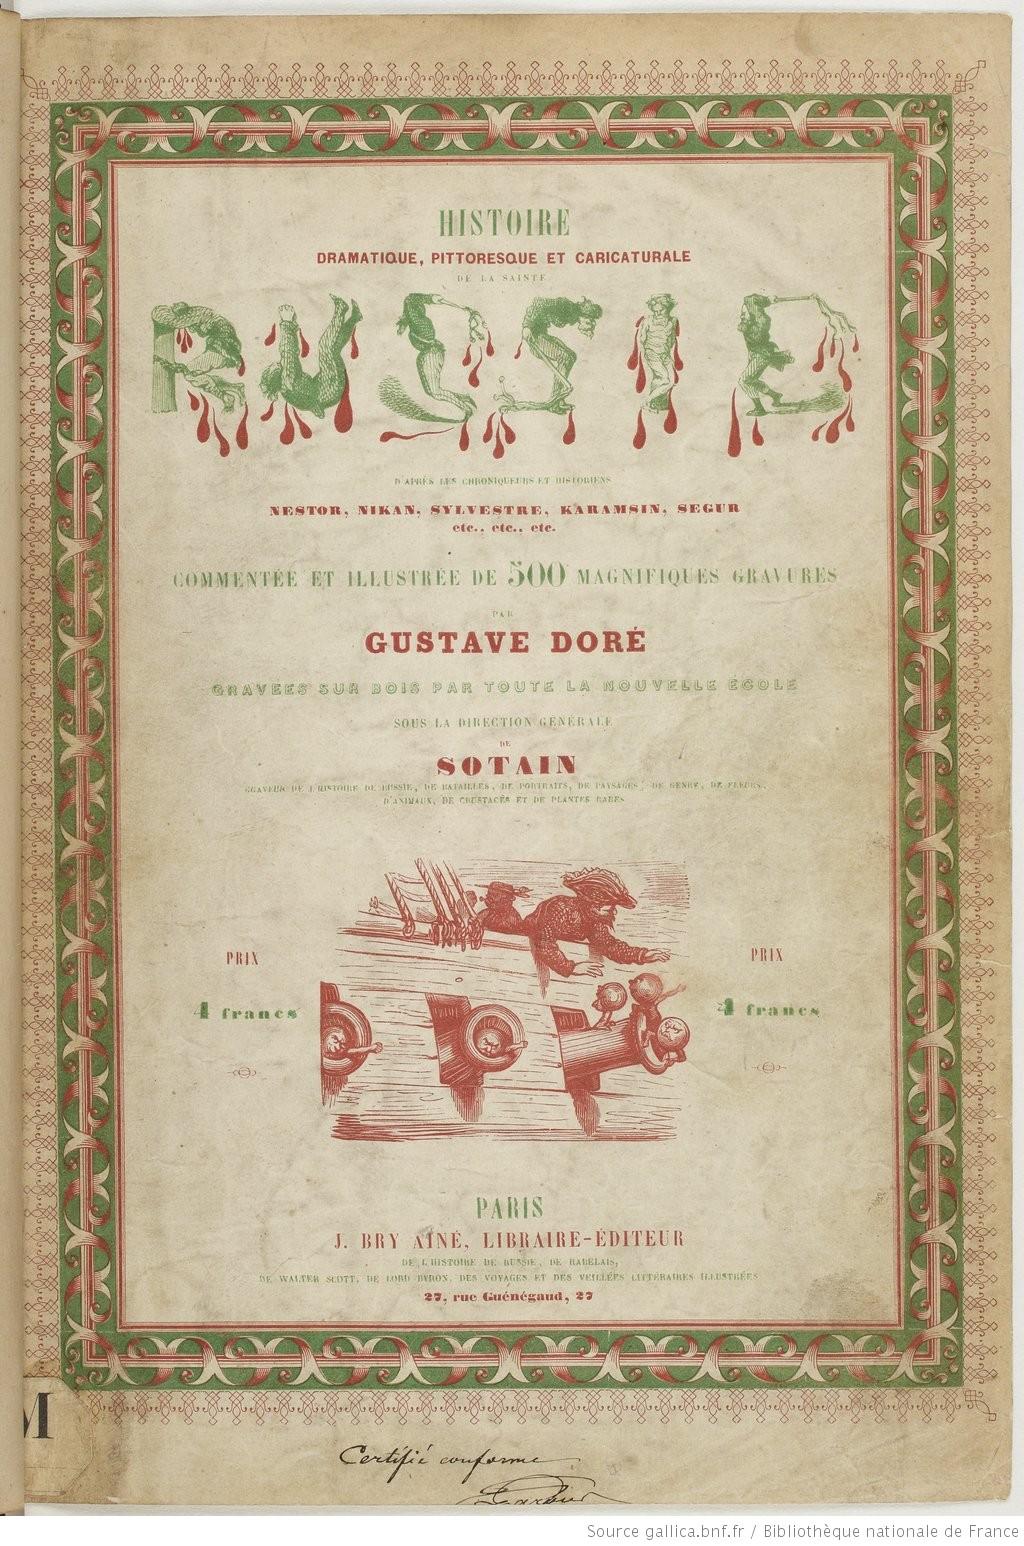 Histoire pittoresque dramatique et caricaturale bpt6k1044804x